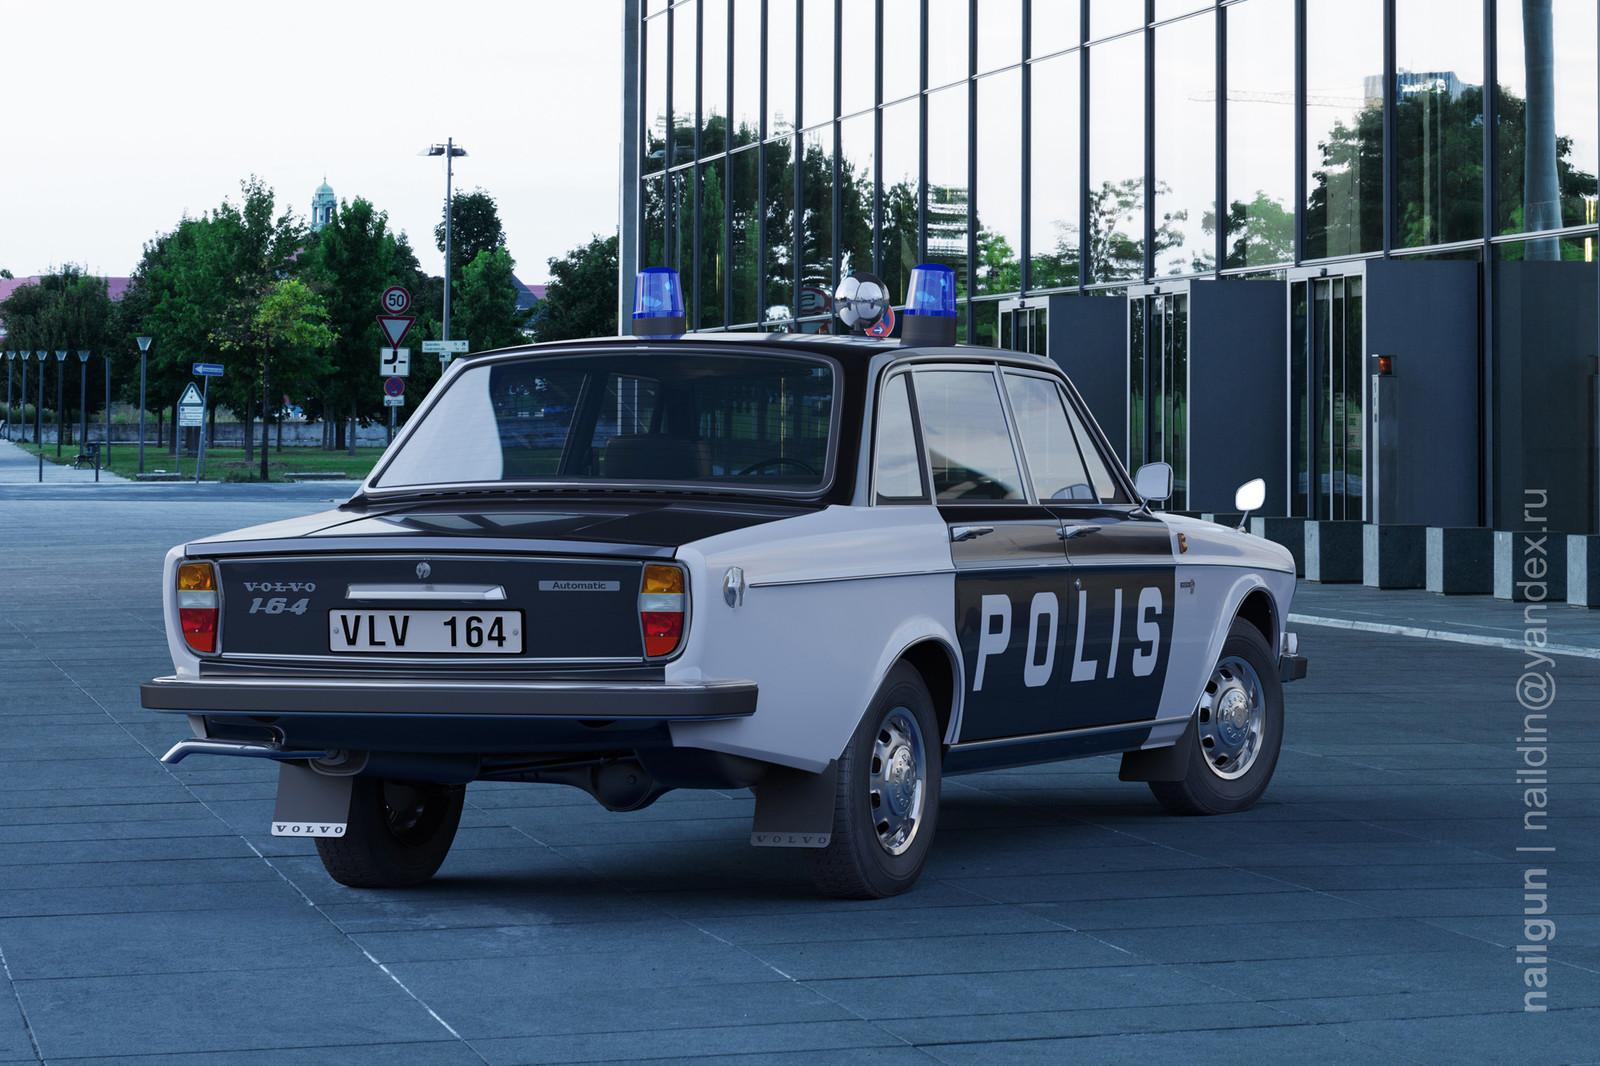 Police Sweden